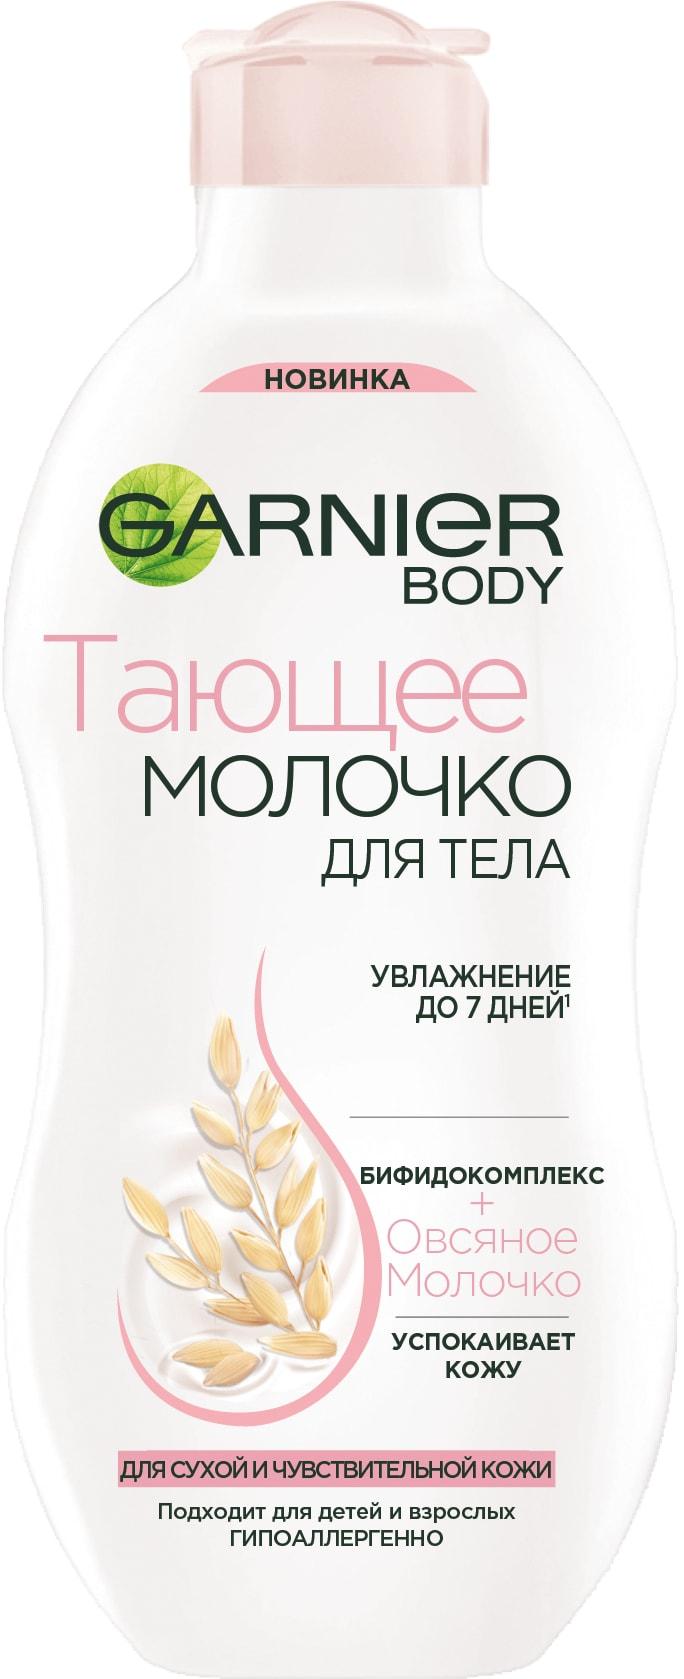 Купить Молочко для тела Garnier Тающее 250 мл